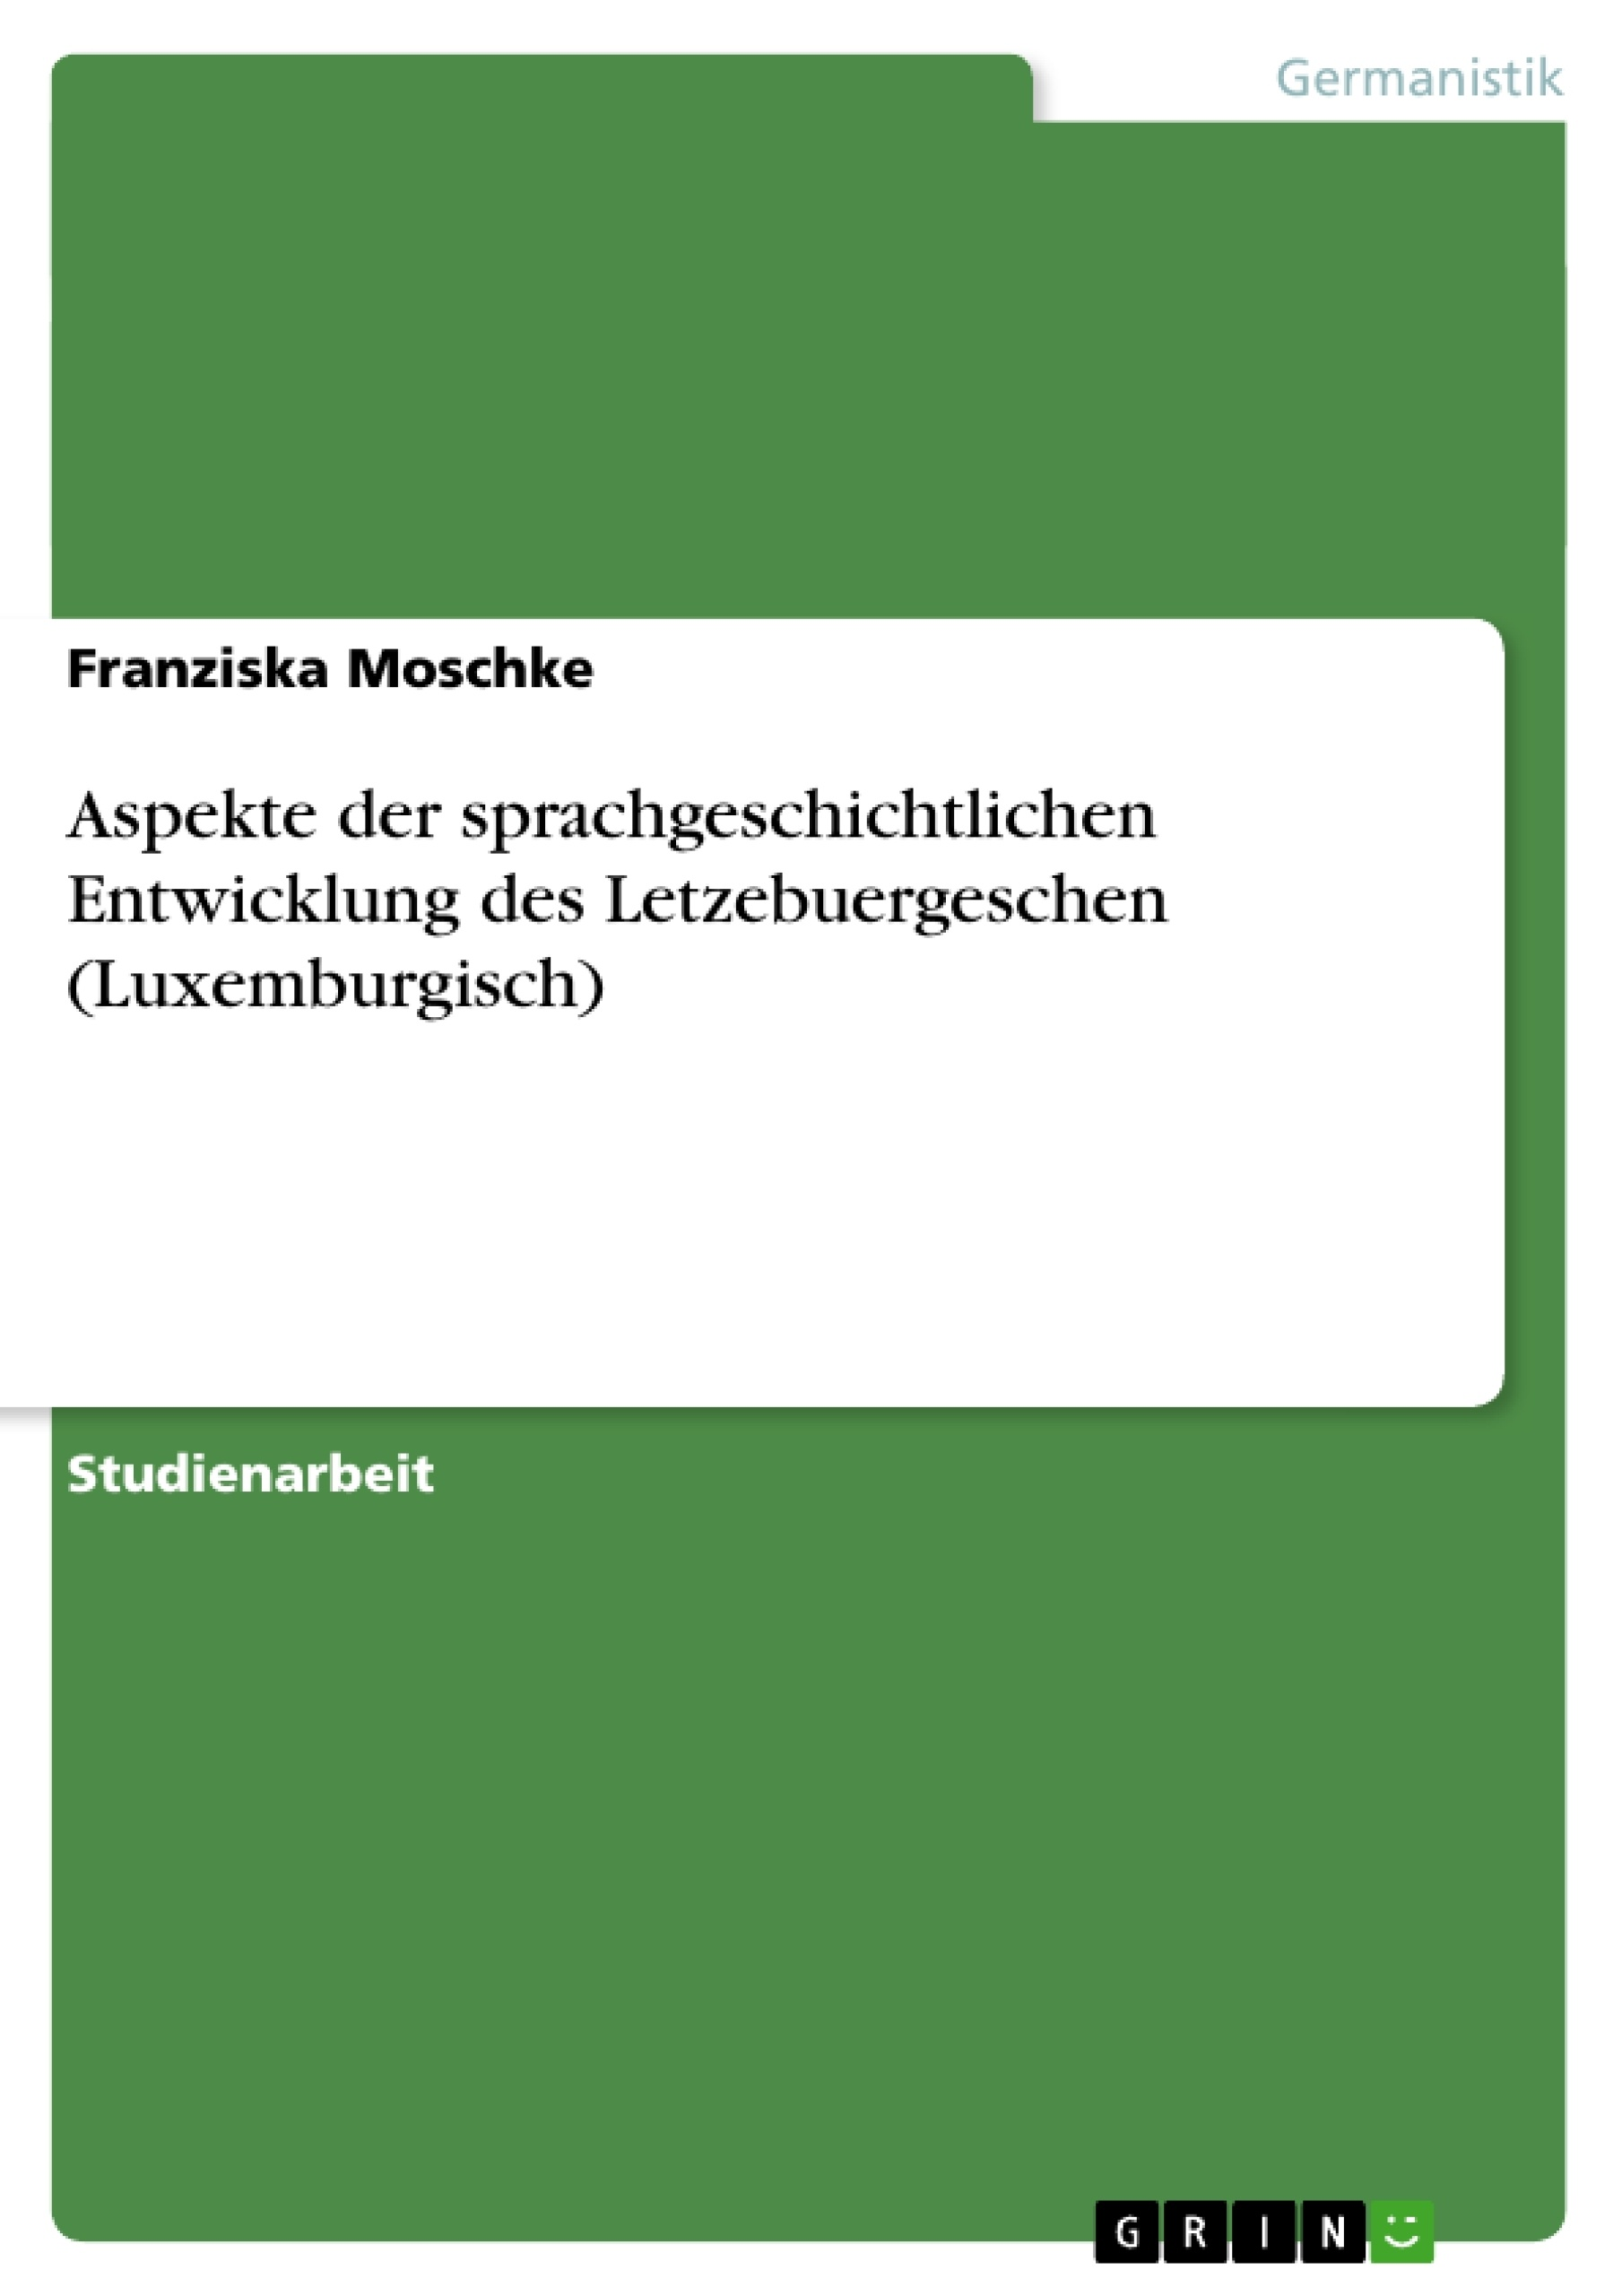 Titel: Aspekte der sprachgeschichtlichen Entwicklung des Letzebuergeschen (Luxemburgisch)